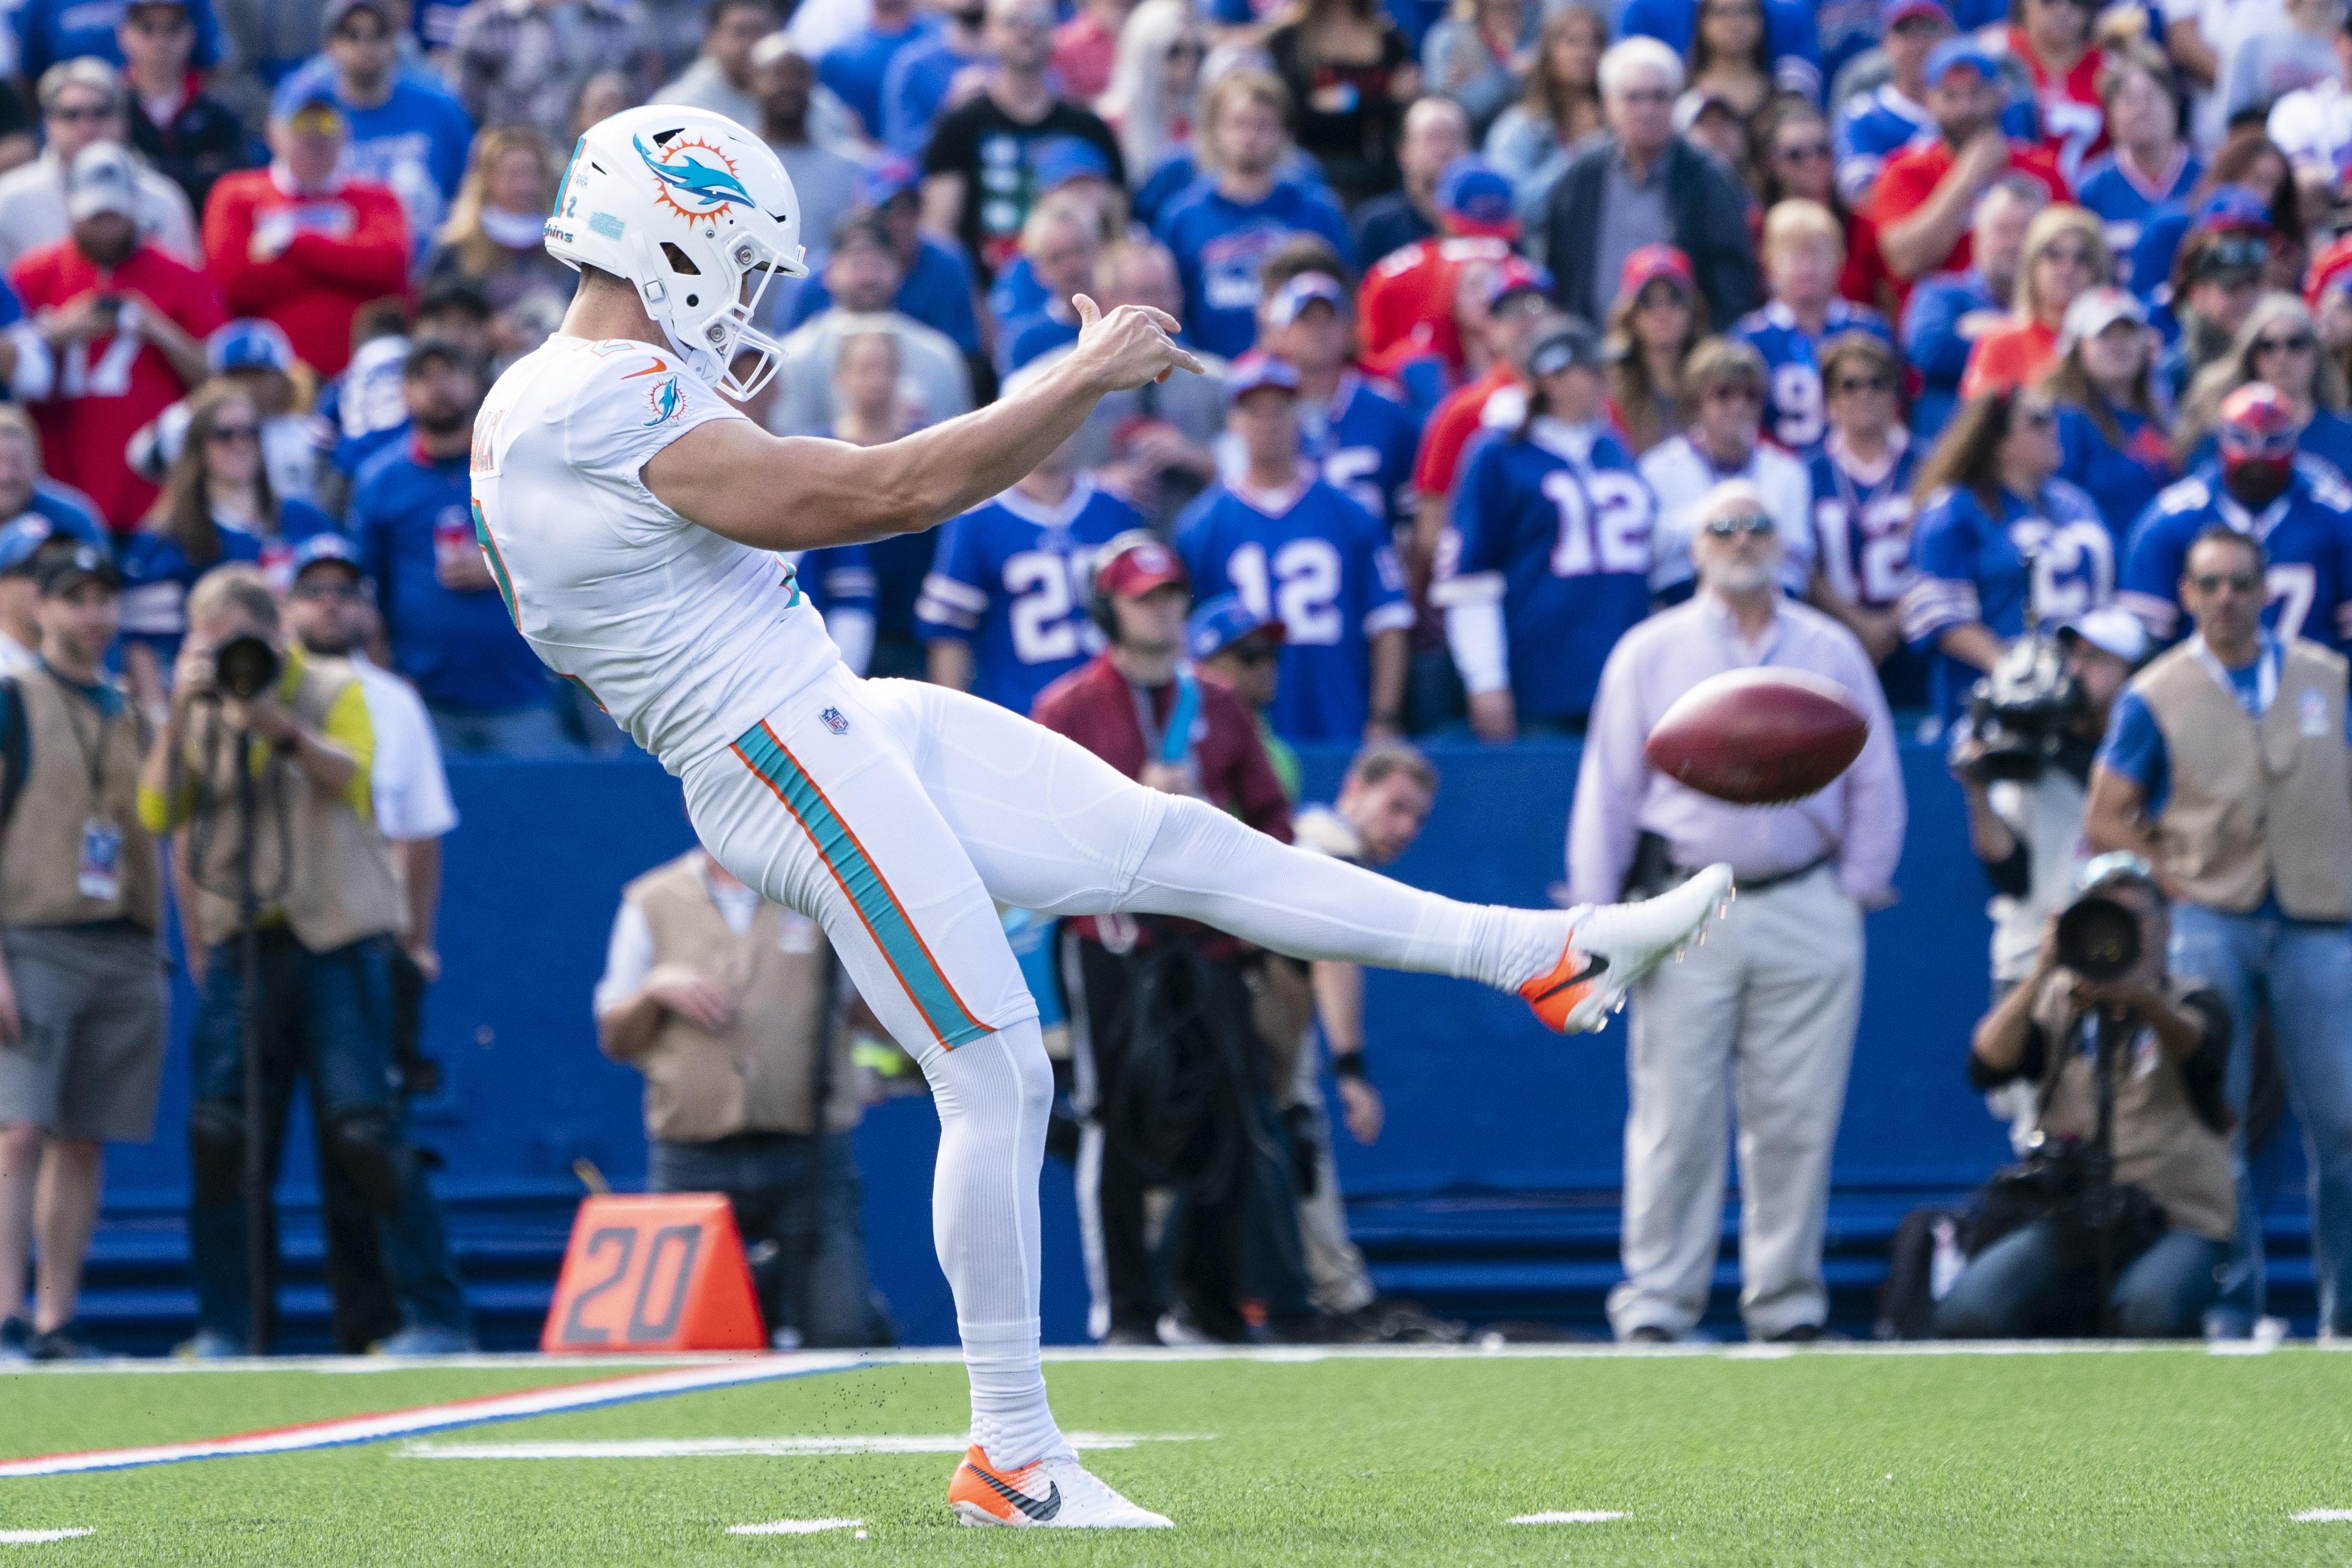 NFL: OCT 20 Dolphins at Bills